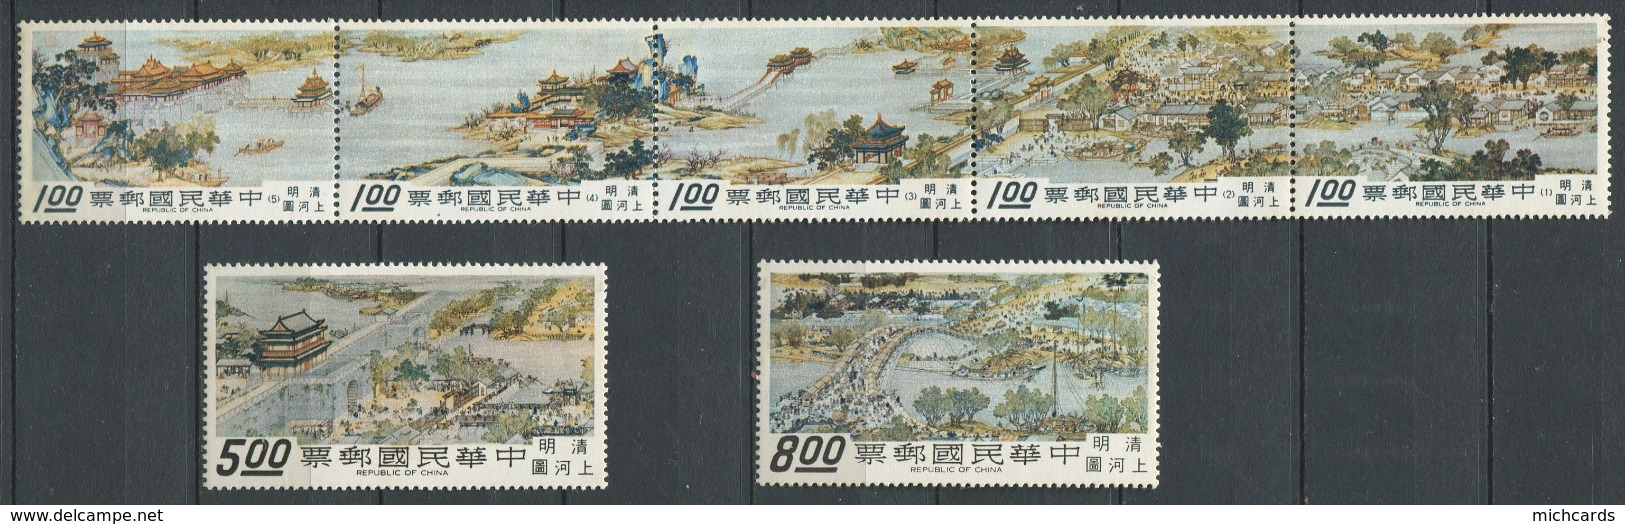 254 FORMOSE 1968 - Yvert 611/17 - Tapisserie Ville De Chine Pont Temple - Neuf ** (MNH) Sans Trace De Charniere - 1945-... Repubblica Di Cina